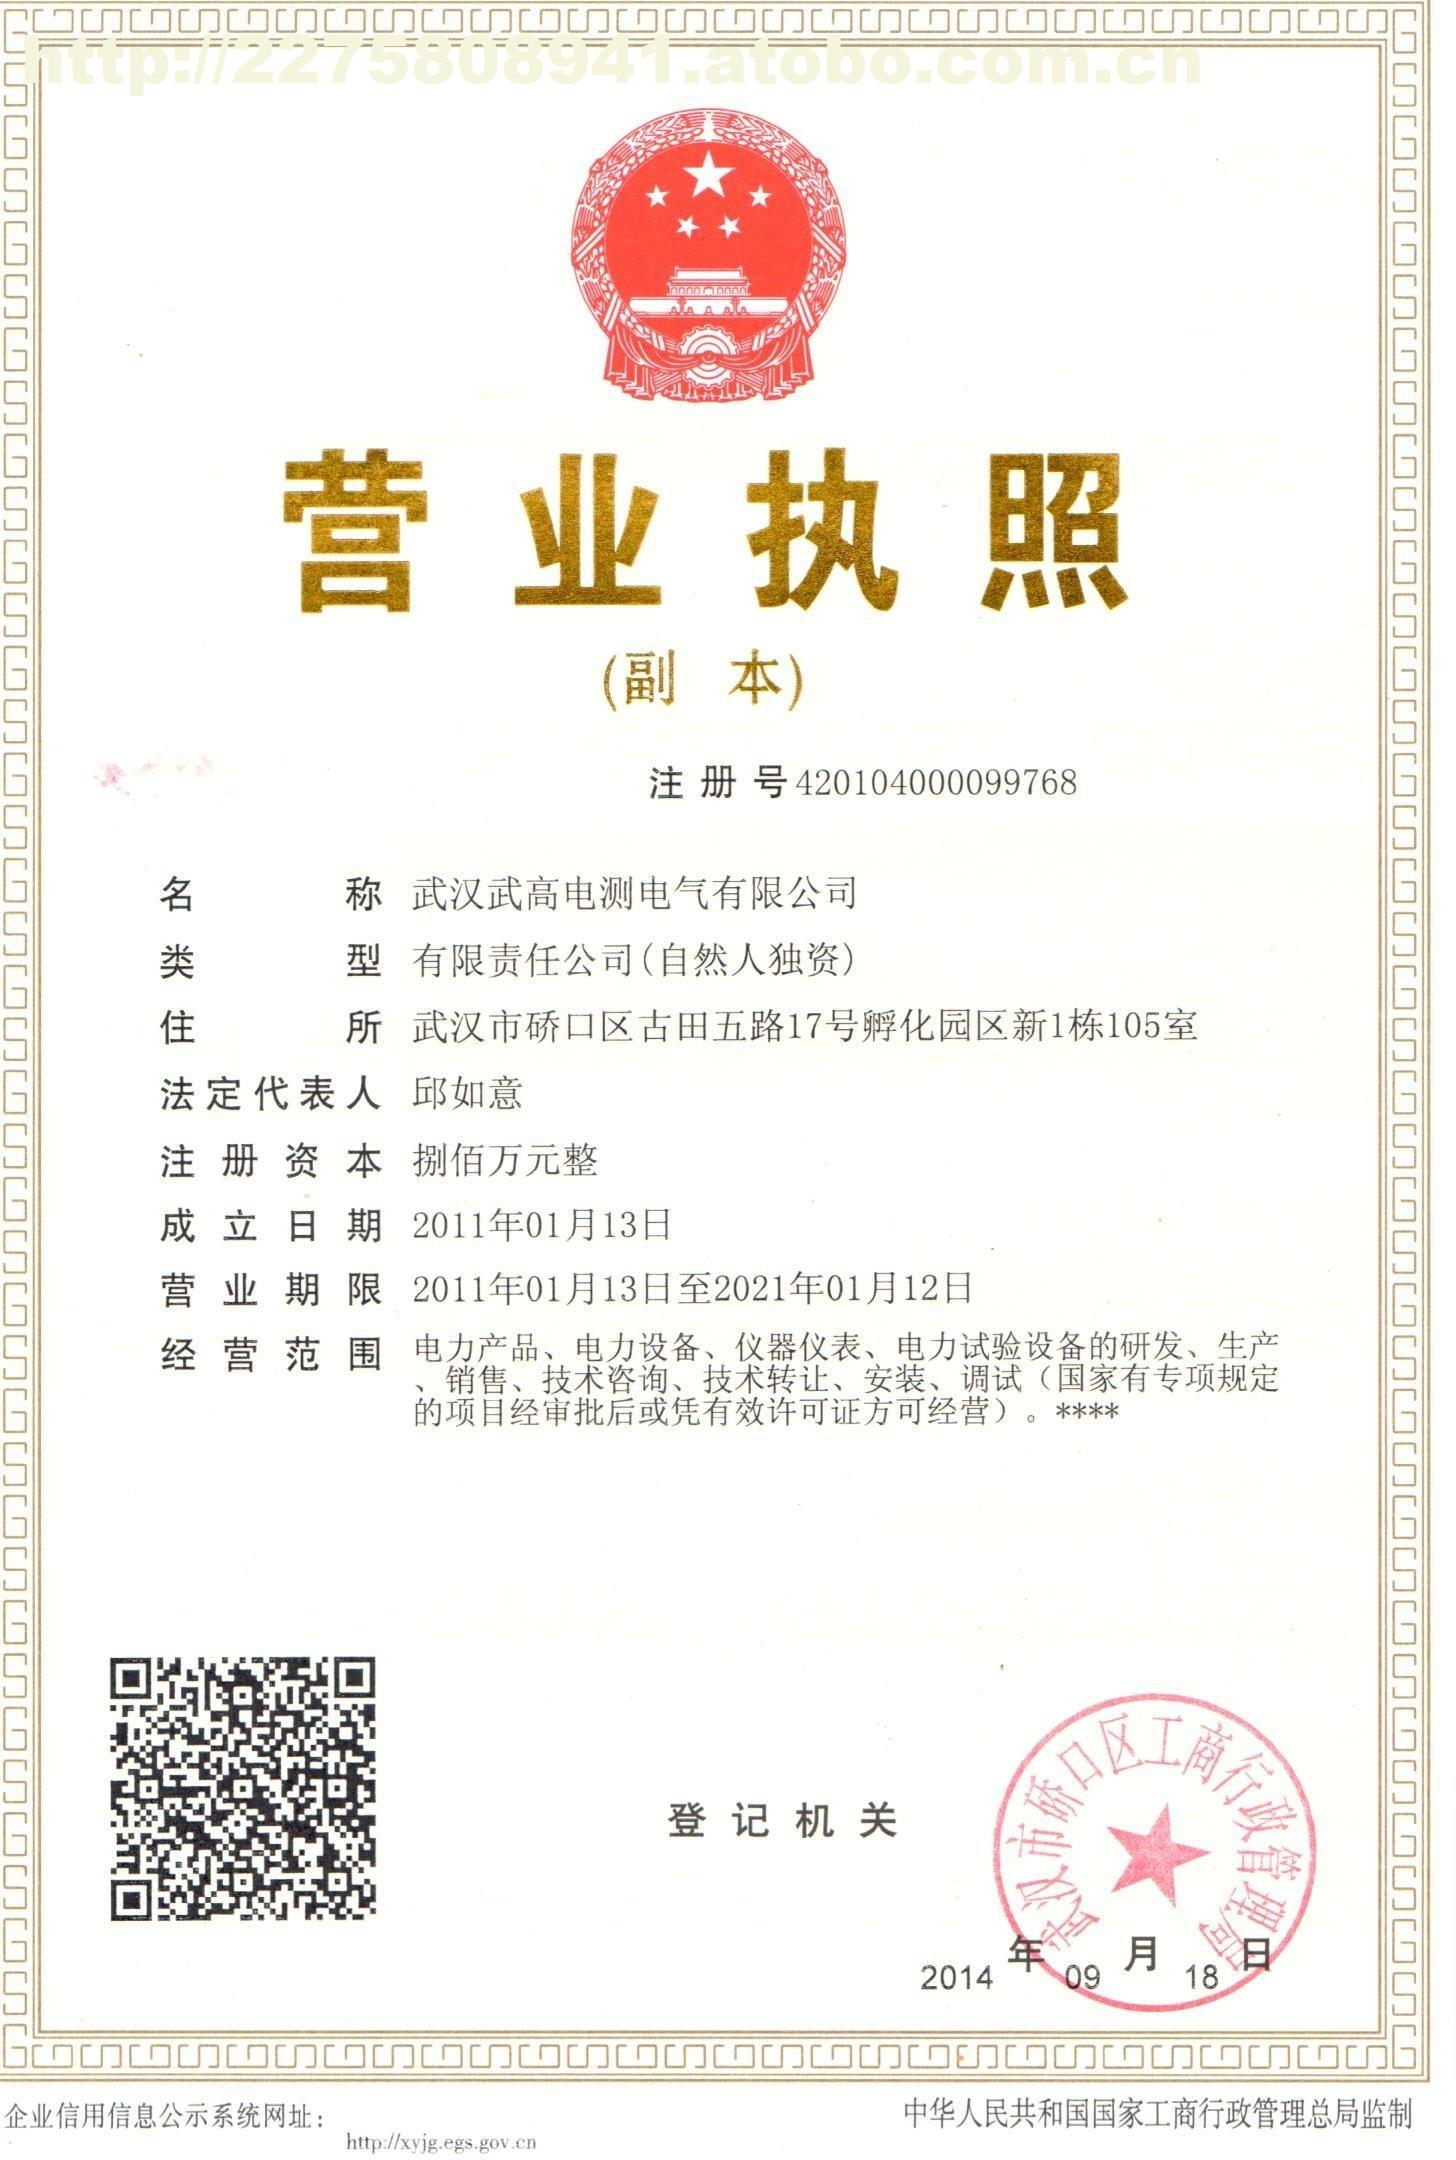 武汉工商网企业�z*_发证机构: 武汉市硚口区工商行政管理局 有效期: 2011年1月